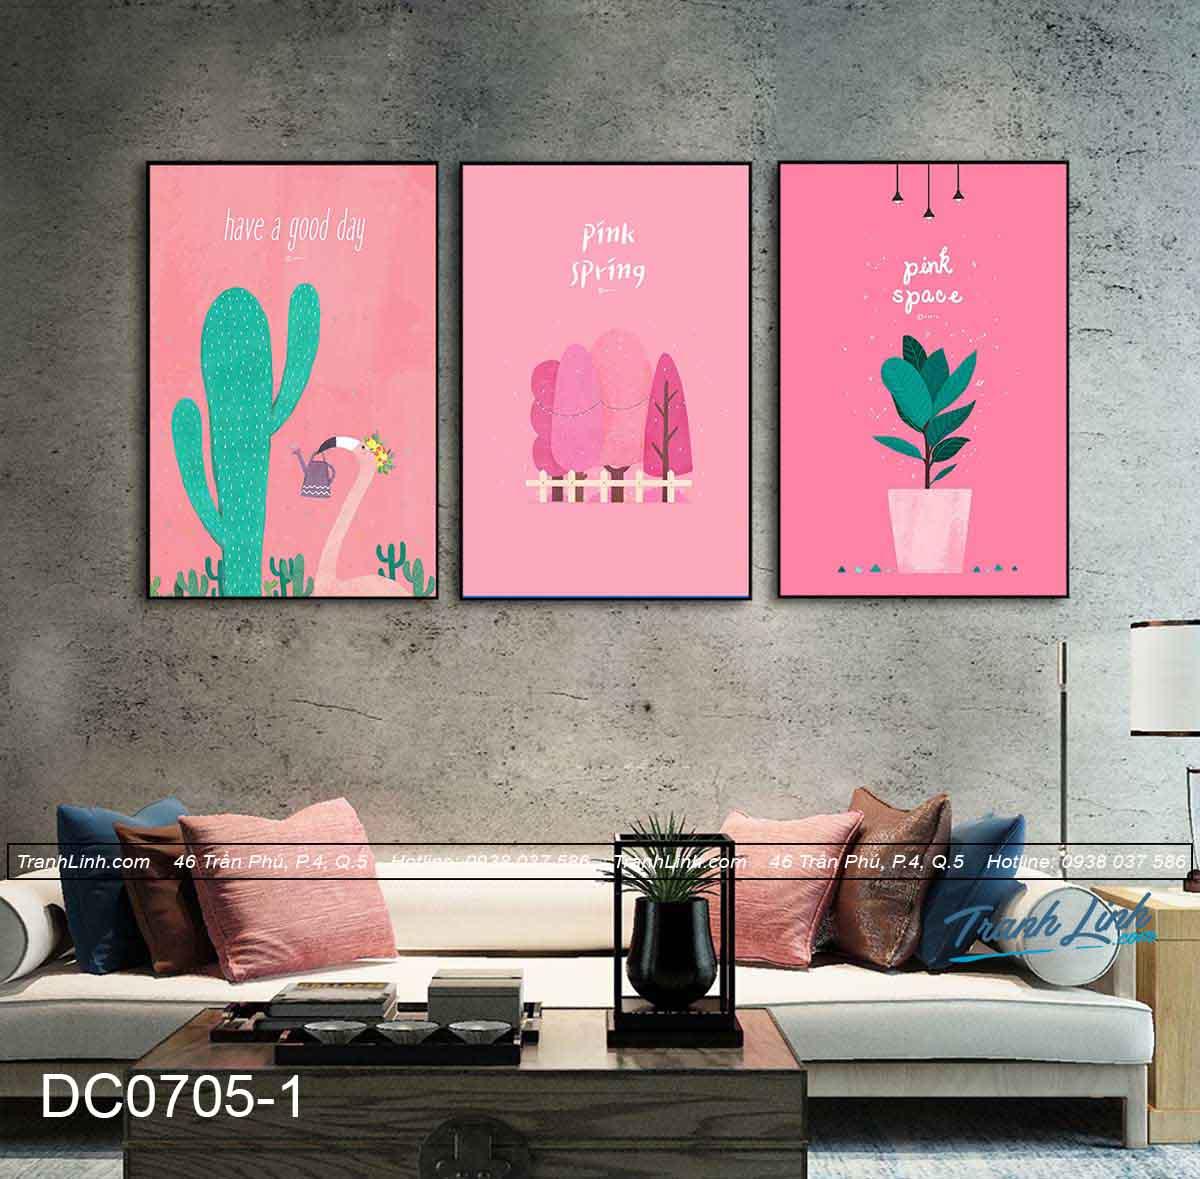 bo-tranh-canvas-treo-tuong-trang-tri-hoa-tiet-dc0705-1.jpg